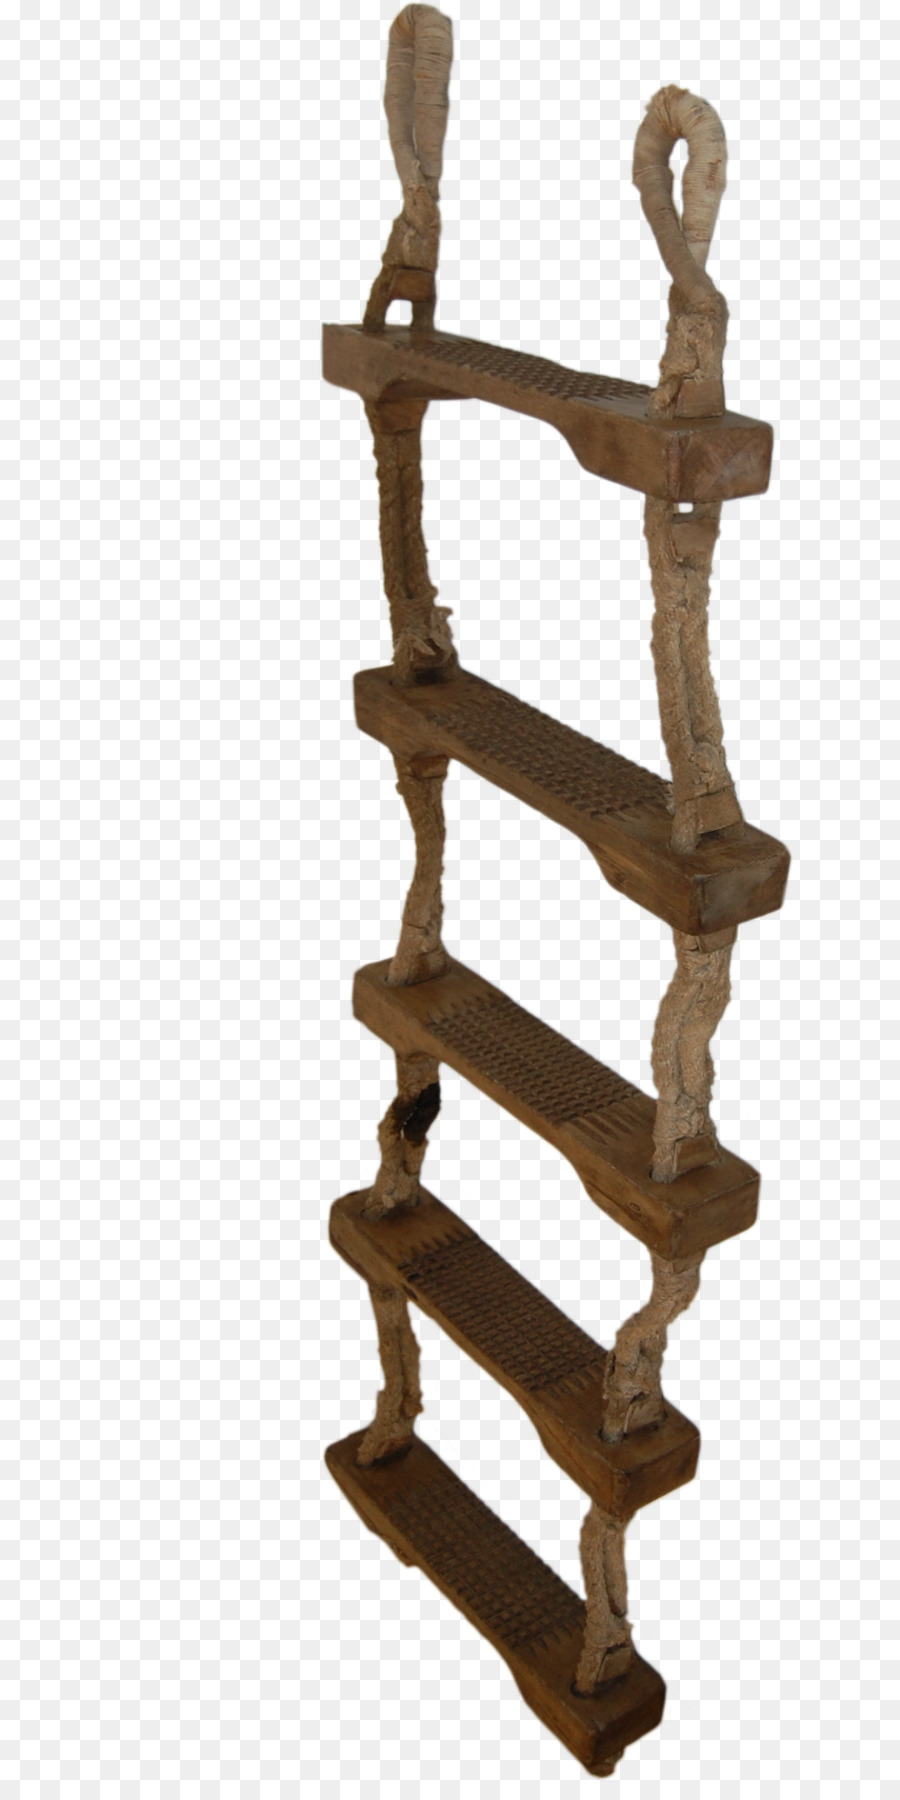 Leiter Holz Möbel Schiff Leiter Png Herunterladen 12302435